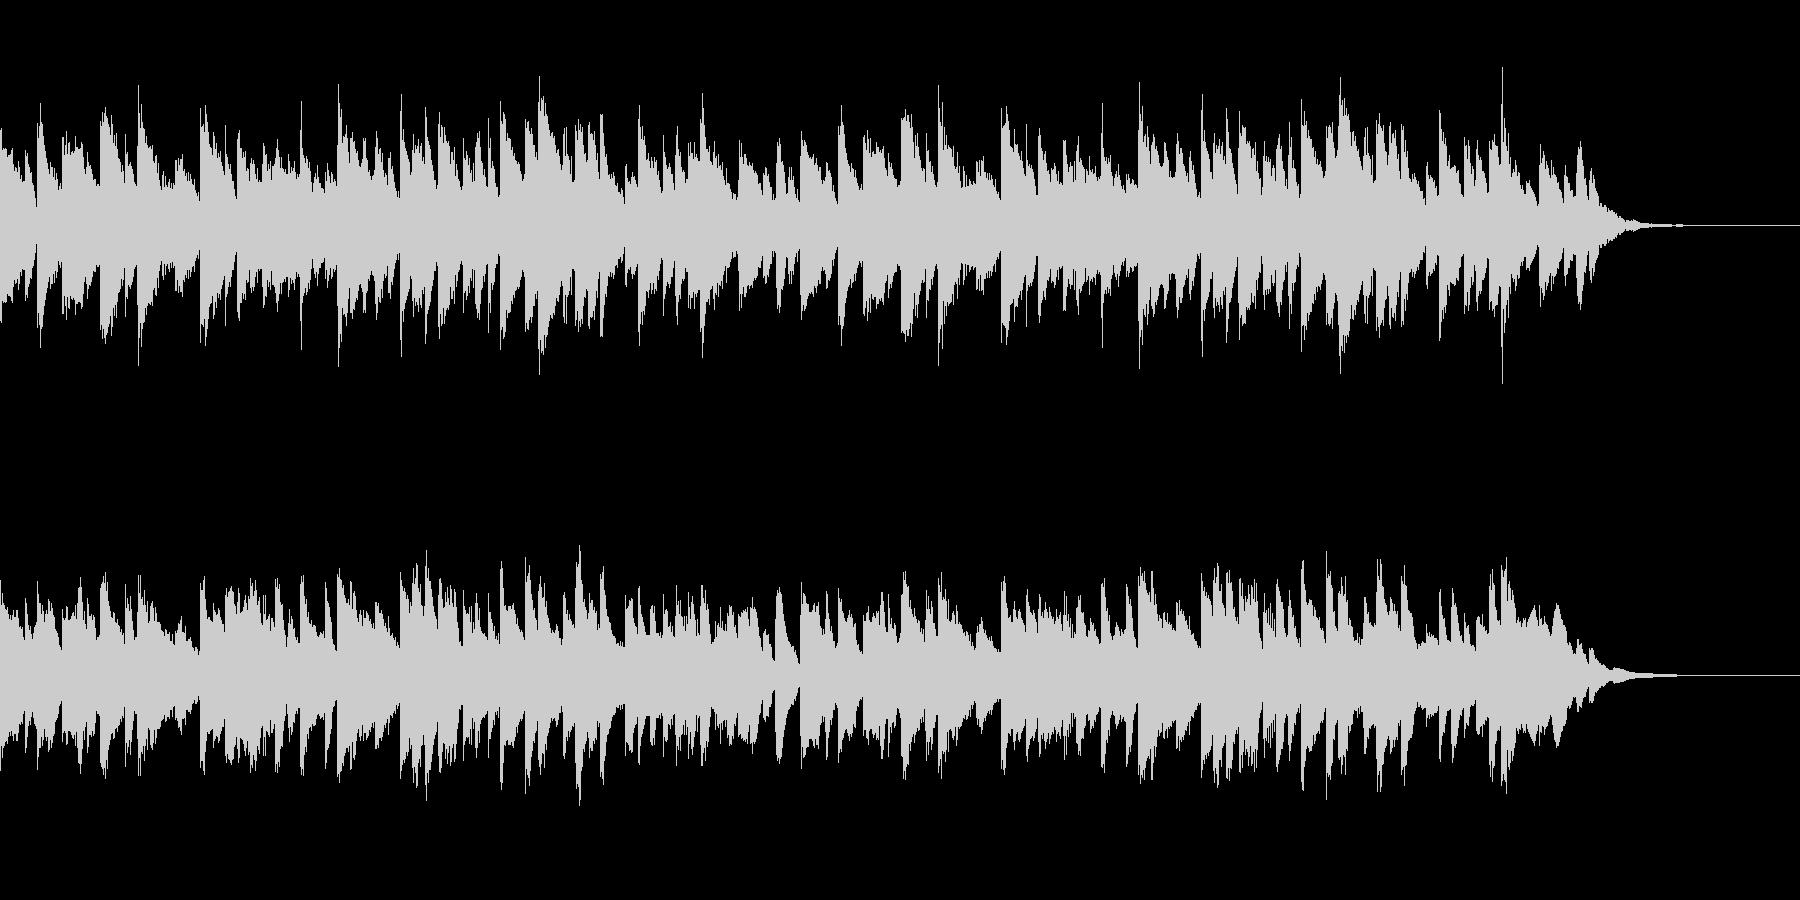 日常的なほのぼのコミカル曲の未再生の波形